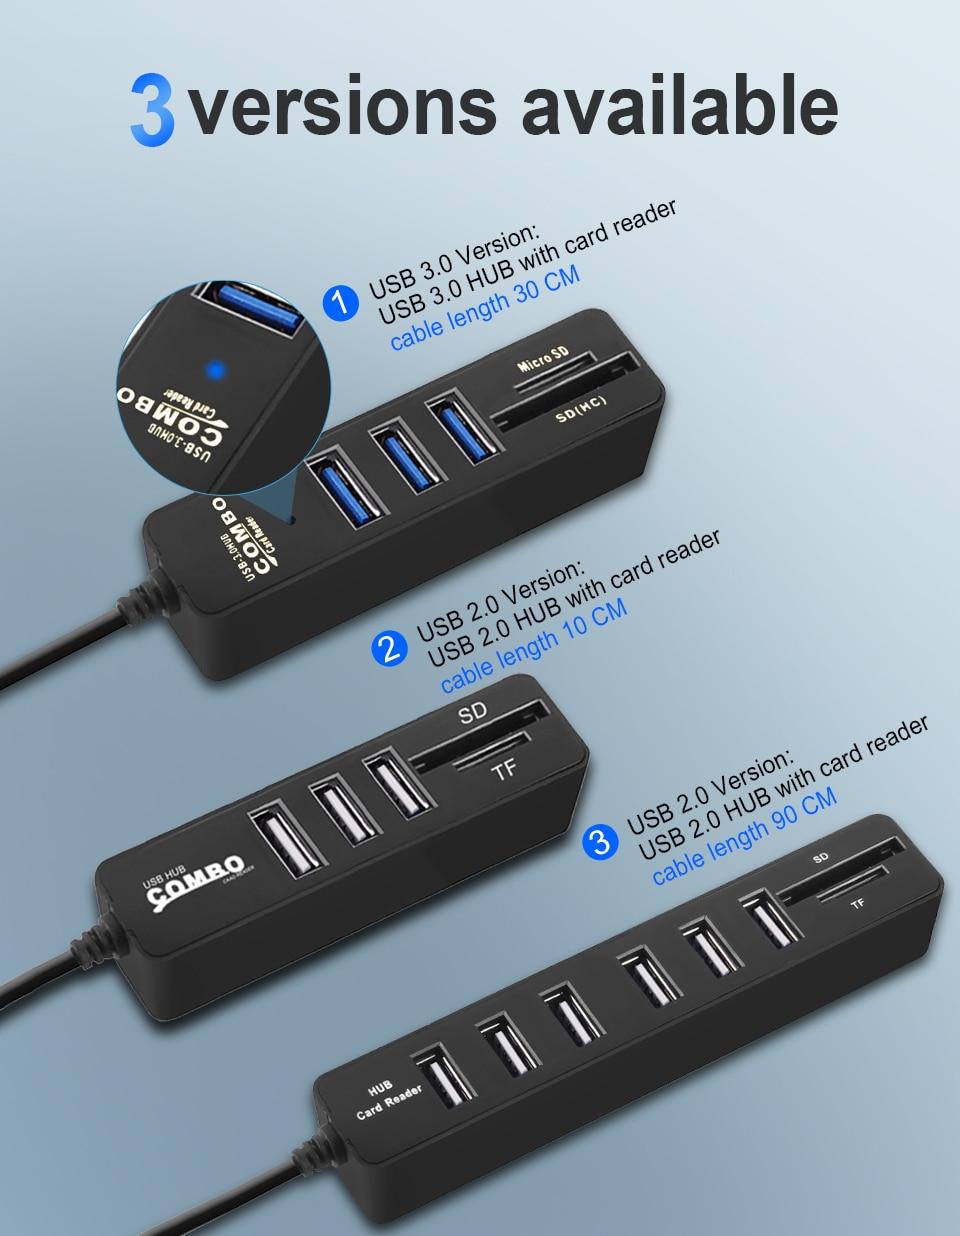 USB Hub 3.0 Multi USB 3.0 avec lecteur de cartes mémoires